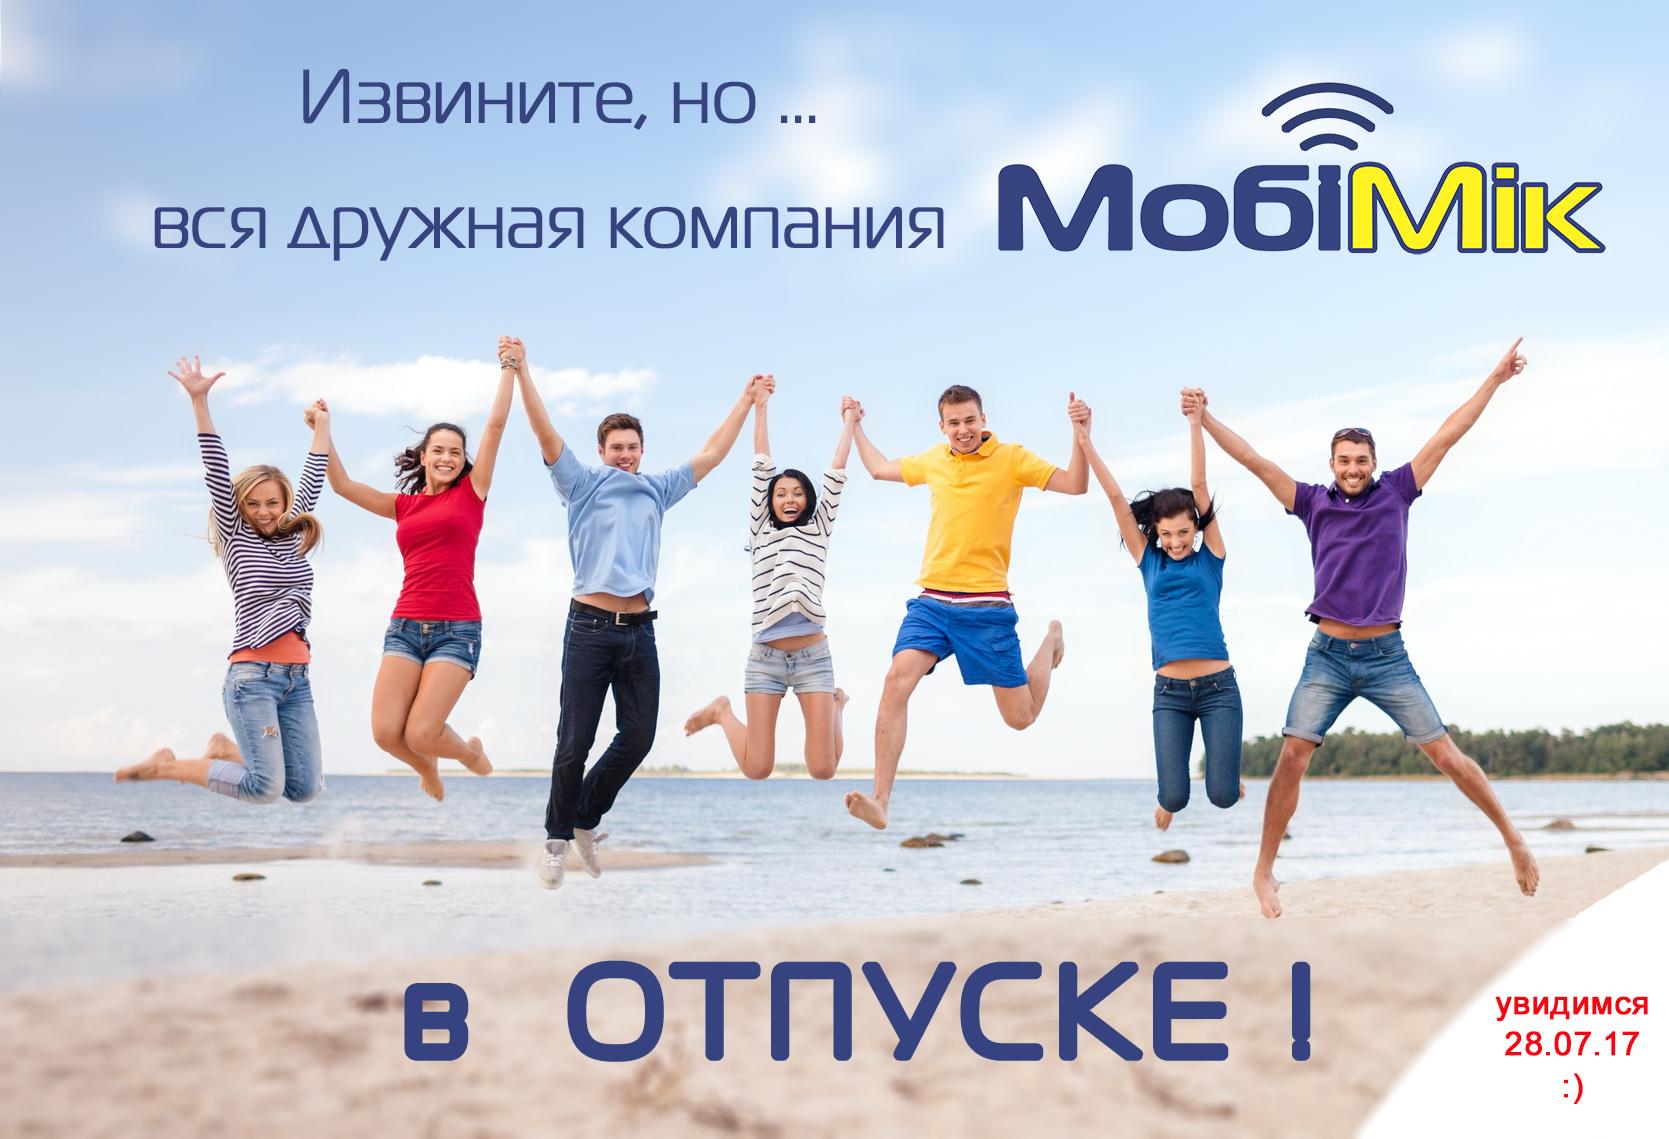 https://mobimik.com.ua купить рацию продажа оптом предприятиям частоты разрешения